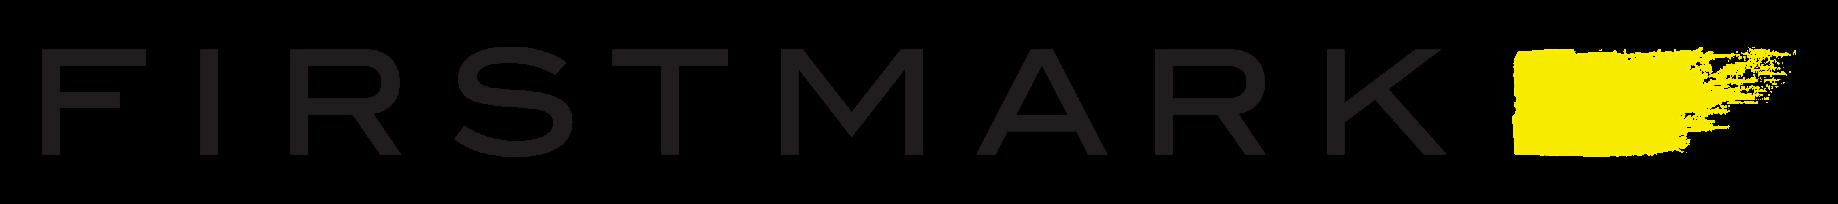 Firstmark Logo - Investors